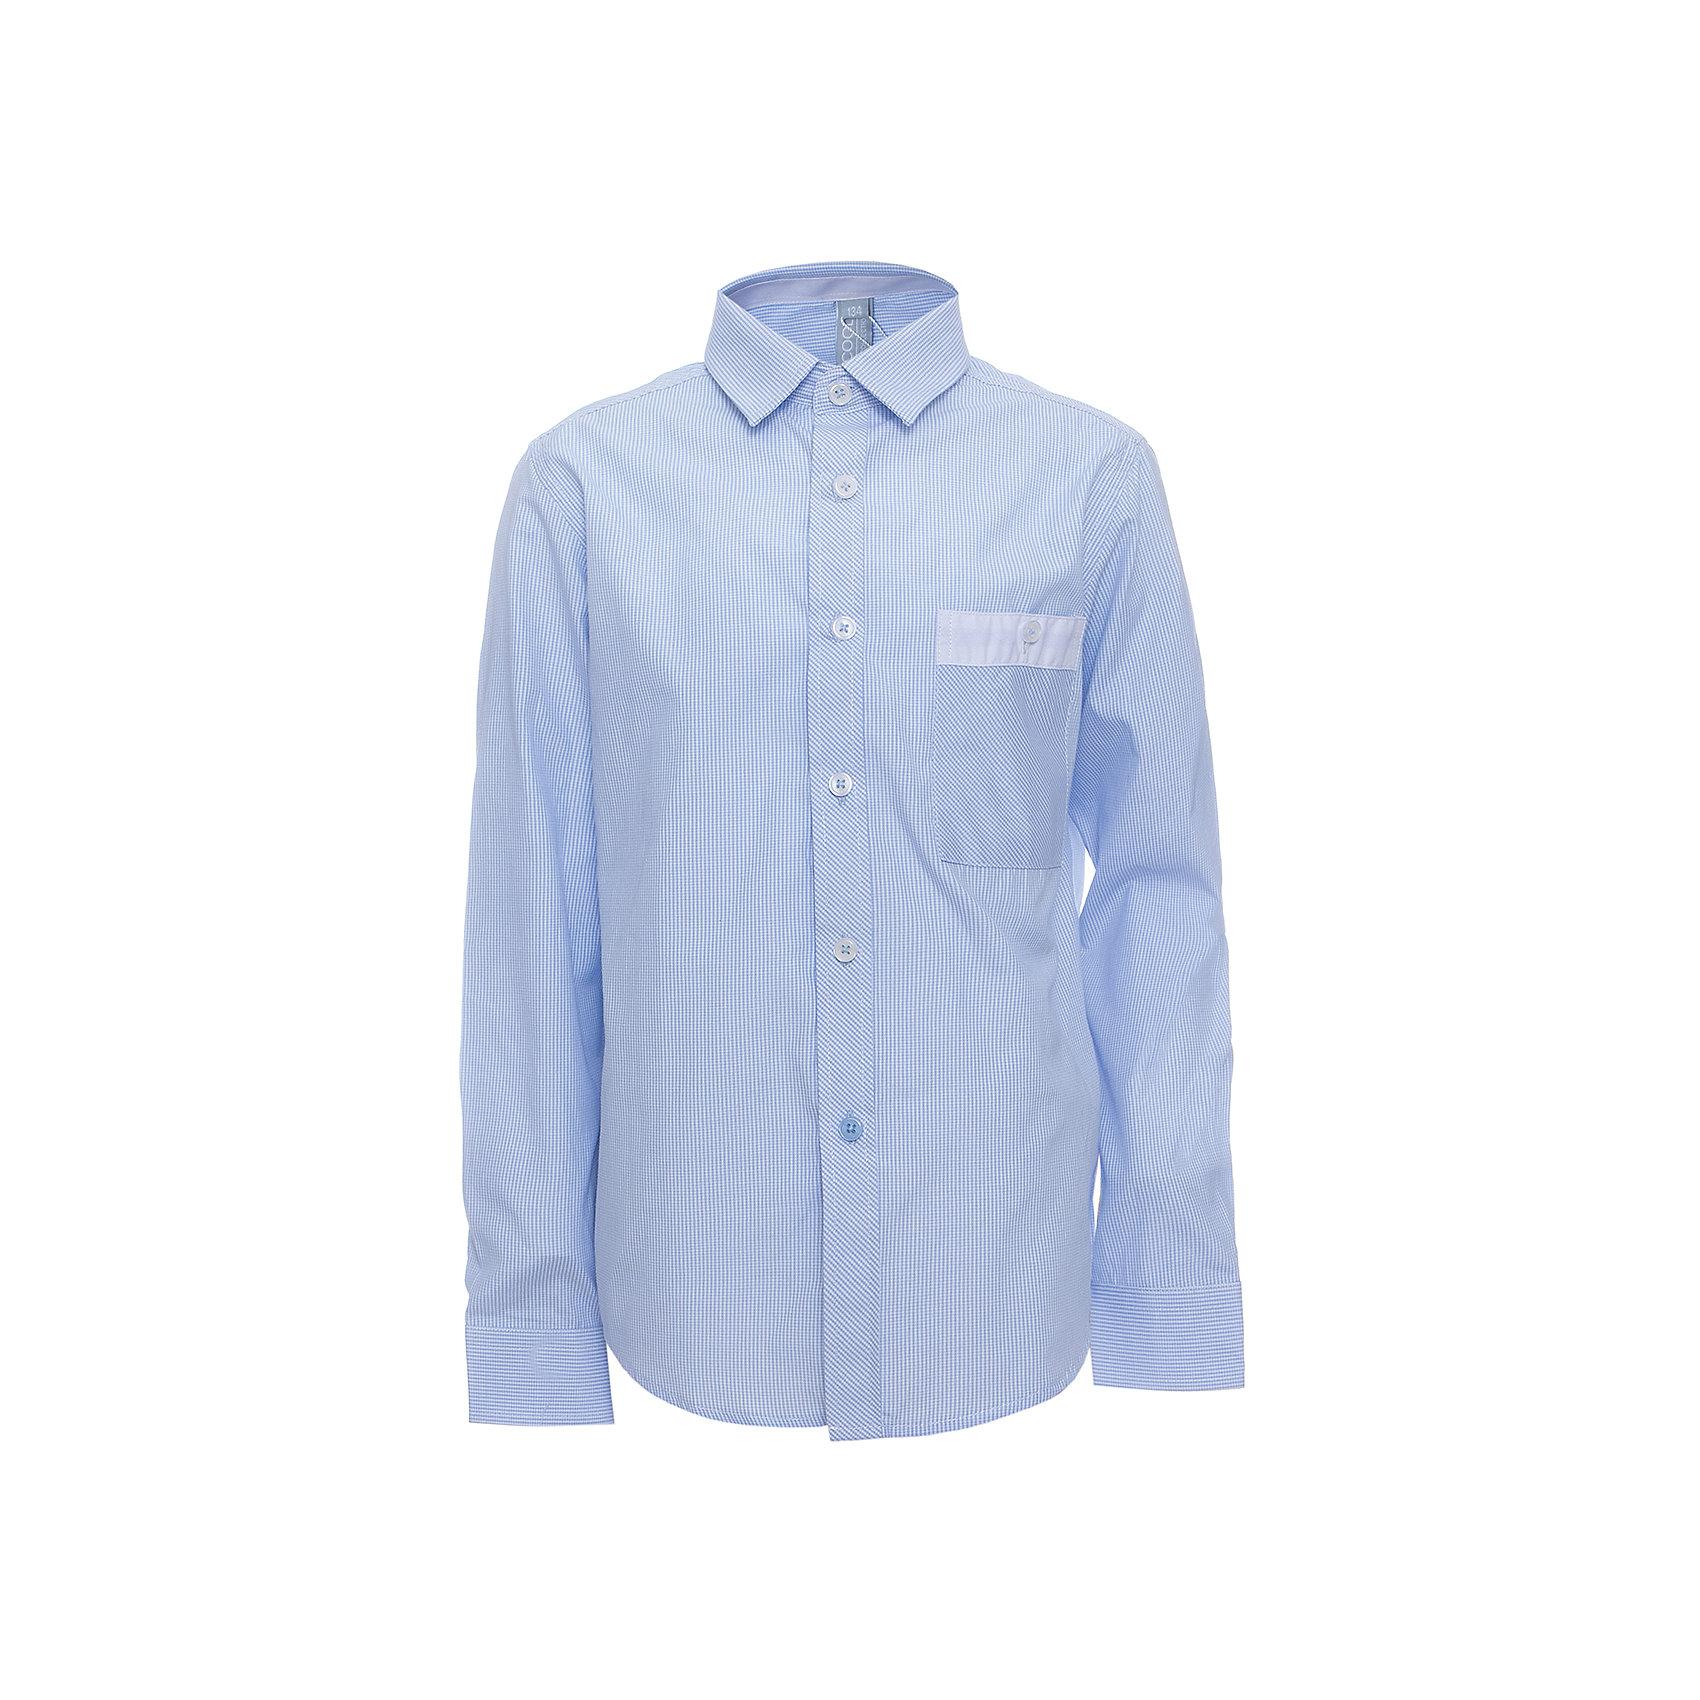 Рубашка для мальчика ScoolРубашка для мальчика от известного бренда Scool<br>Состав:<br>45% хлопок, 55% полиэстер<br>Классическая сорочка в мелкую голубую клетку. Застегивается на пуговицы. На груди кармашек. Контрастная белая отделка по планке, карману и на рукавах.<br><br>Ширина мм: 174<br>Глубина мм: 10<br>Высота мм: 169<br>Вес г: 157<br>Цвет: голубой<br>Возраст от месяцев: 156<br>Возраст до месяцев: 168<br>Пол: Мужской<br>Возраст: Детский<br>Размер: 164,122,140,158,152,146,134,128<br>SKU: 4686733